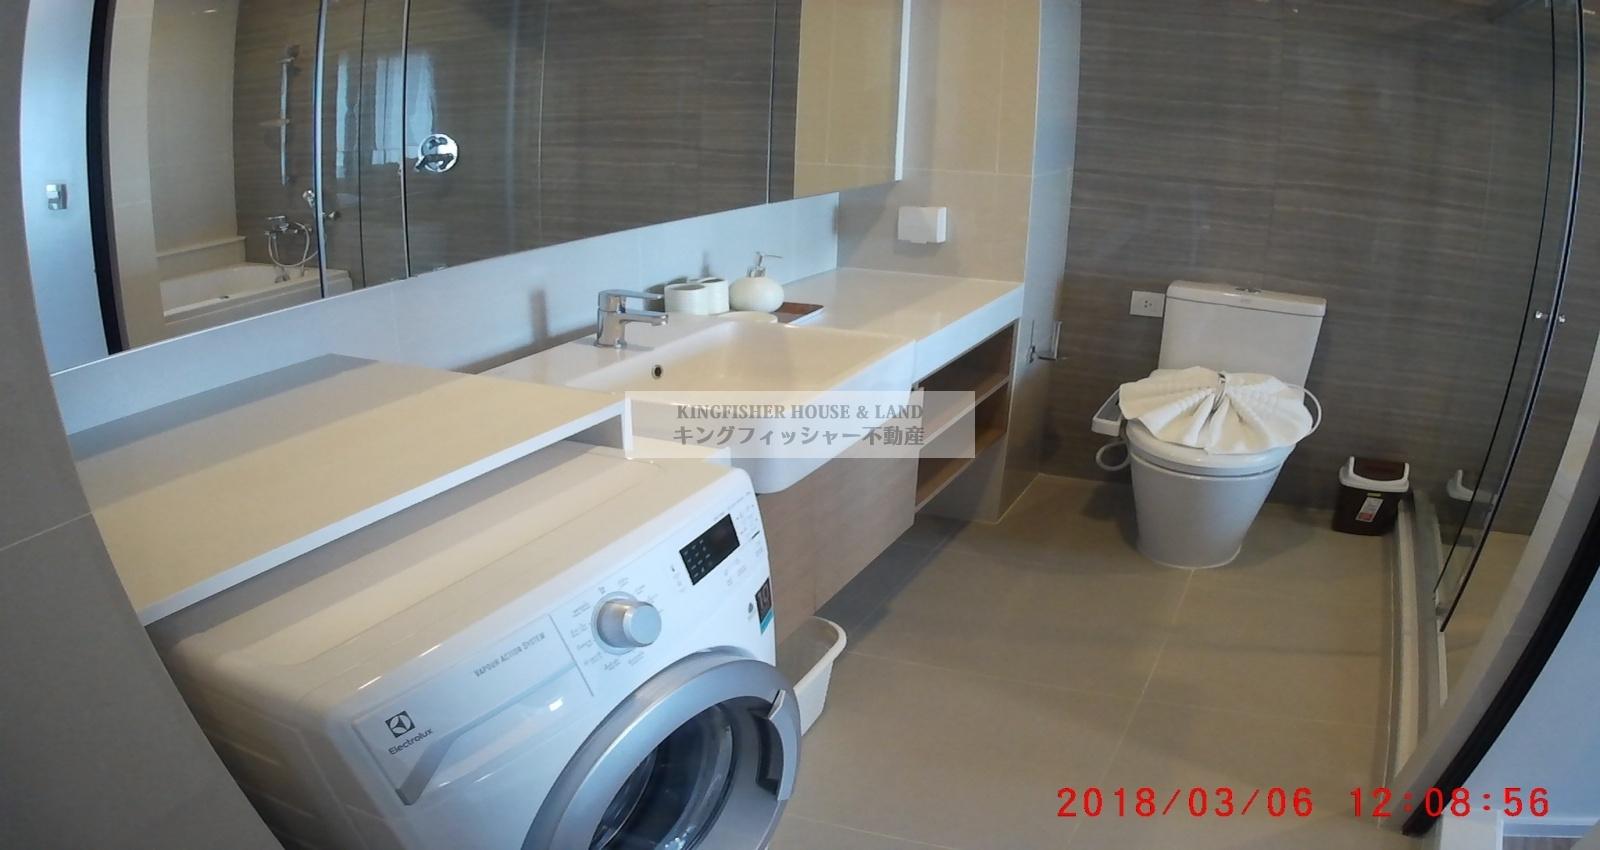 1 Bedrooms, Condominium, For Rent, 1 Bathrooms, Listing ID 1225, Sriracha, Chonburi, Thailand, 20110,